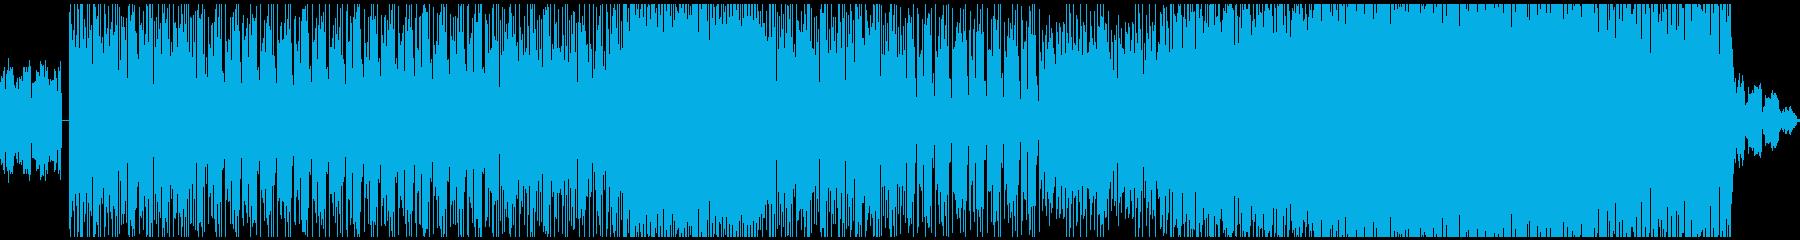 SFでファンタジーな宇宙感あるなクール曲の再生済みの波形